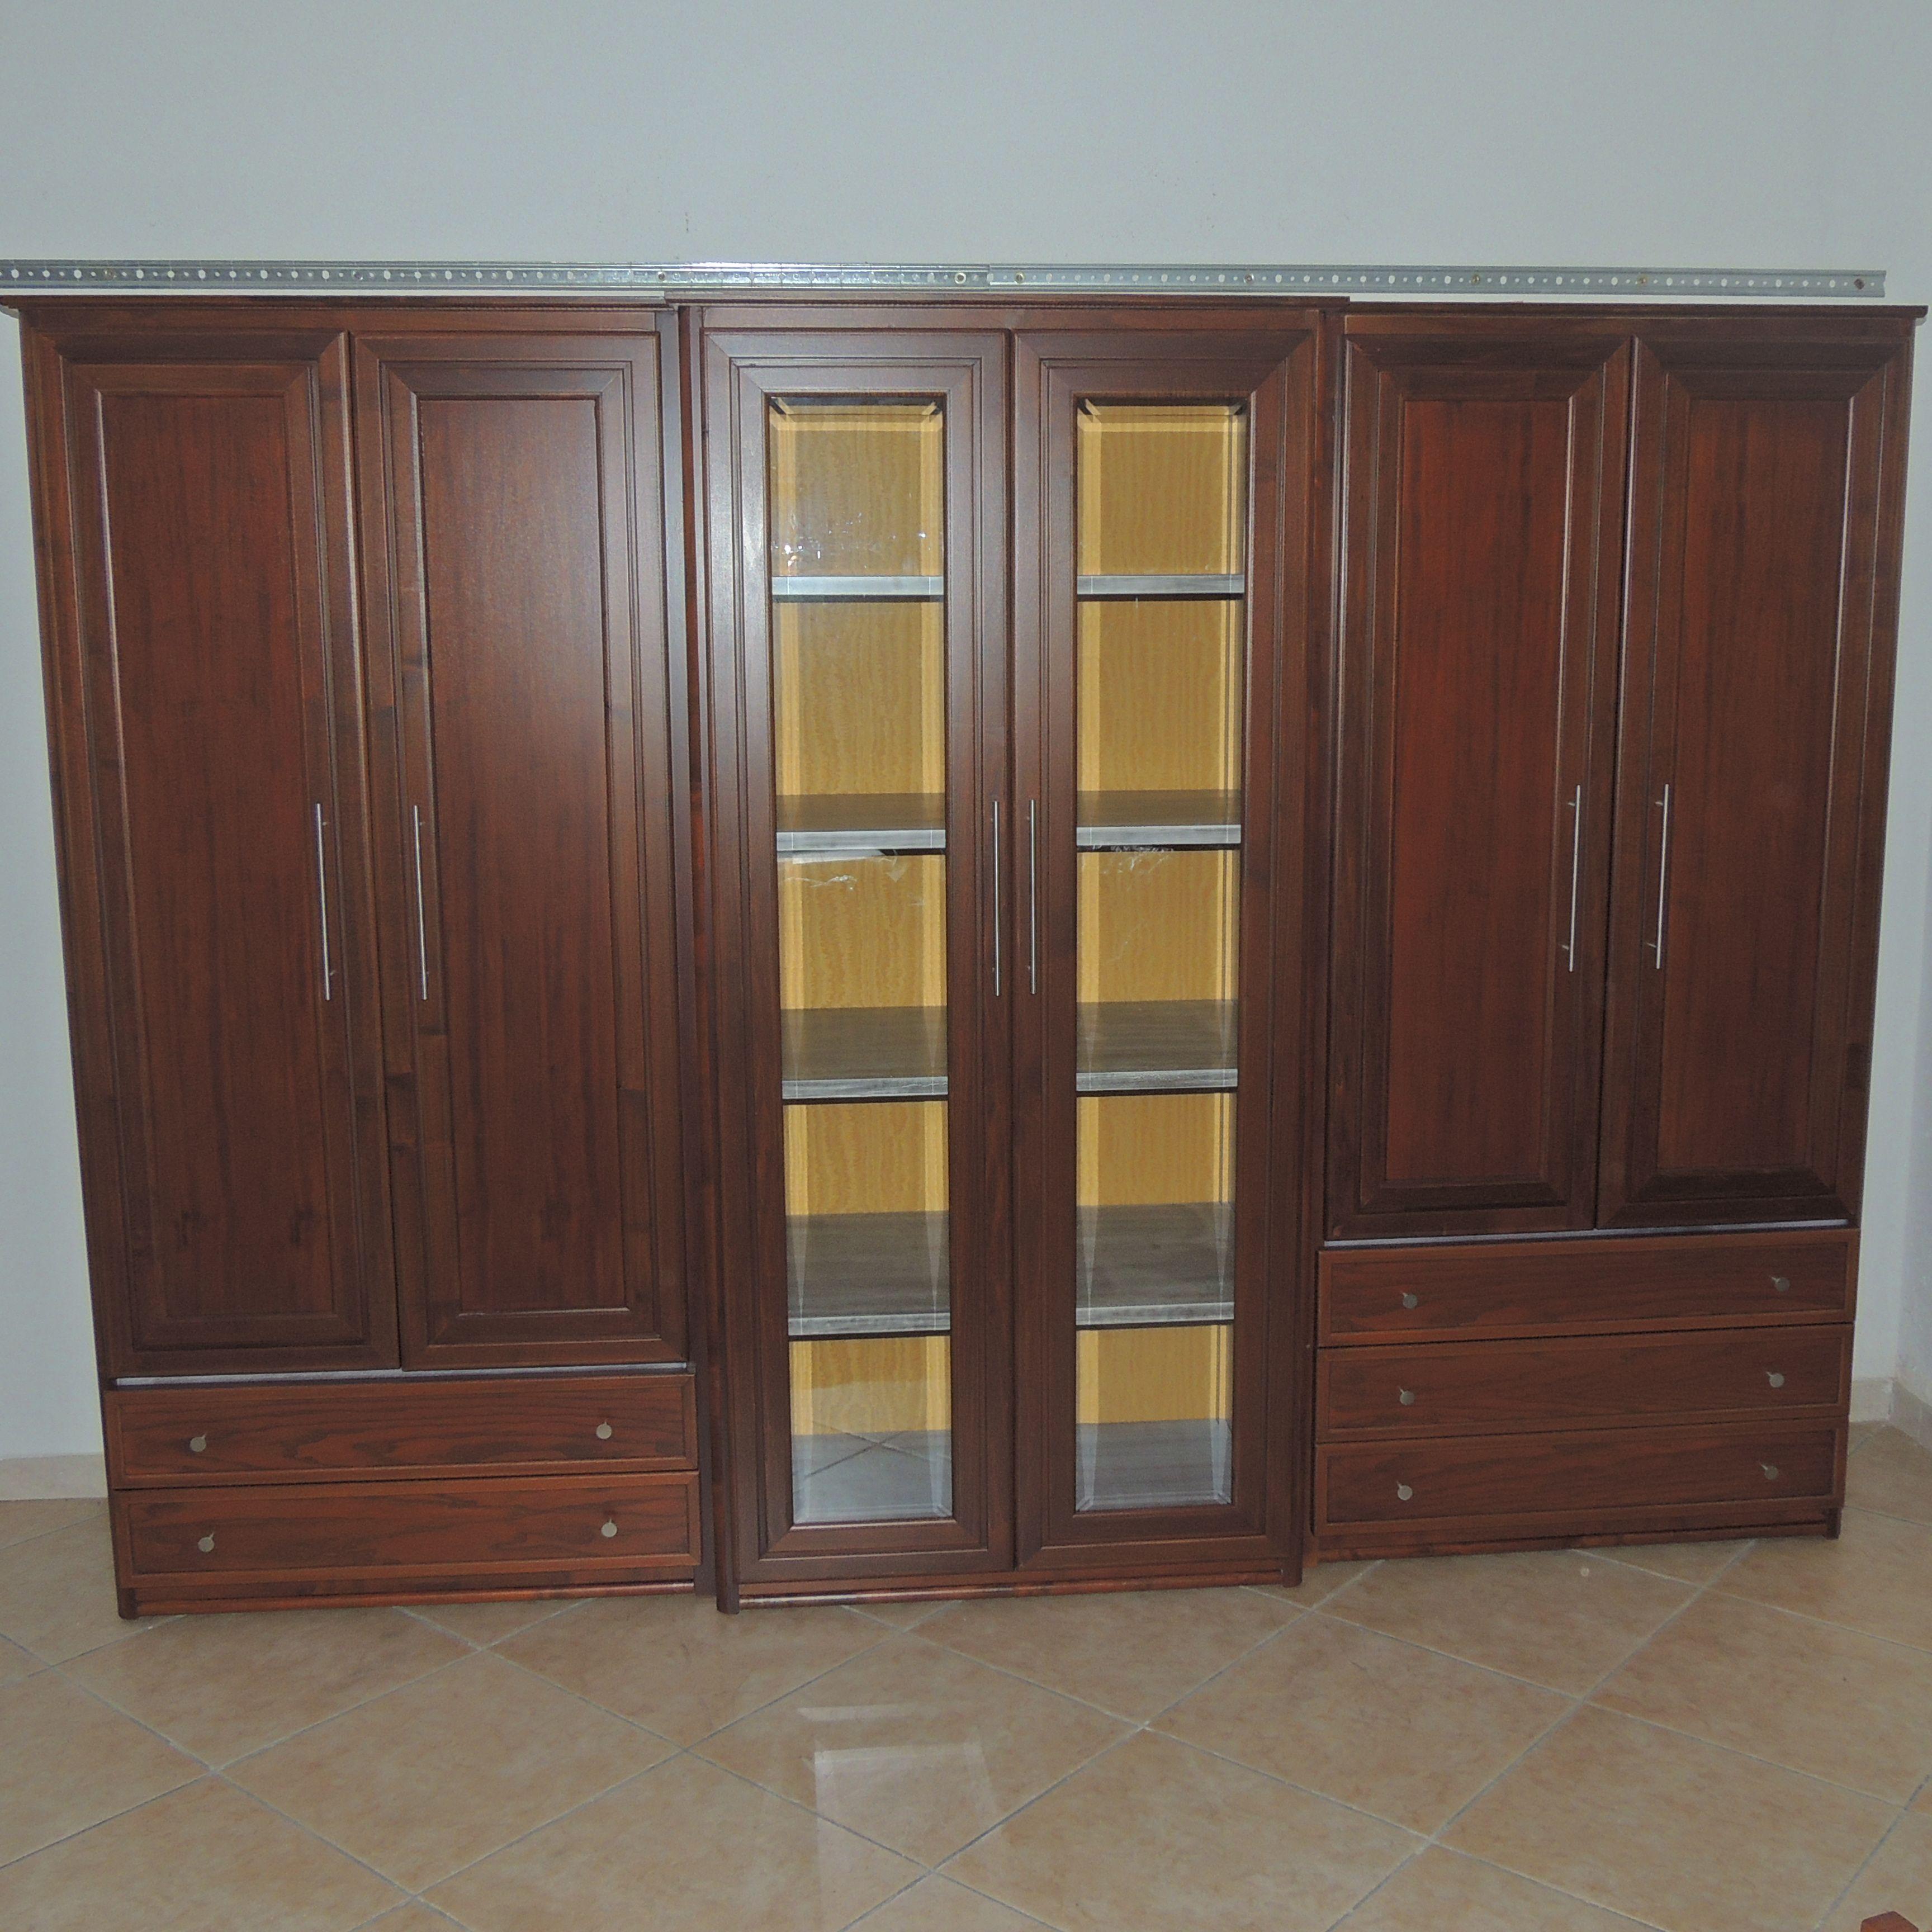 Mobile-soggiorno(270x215) a tre elementi con corpo avanzato centrale in listellare di legno tanganica e antine in legno massello di noce touliper, vetri in cristallo bisellato.